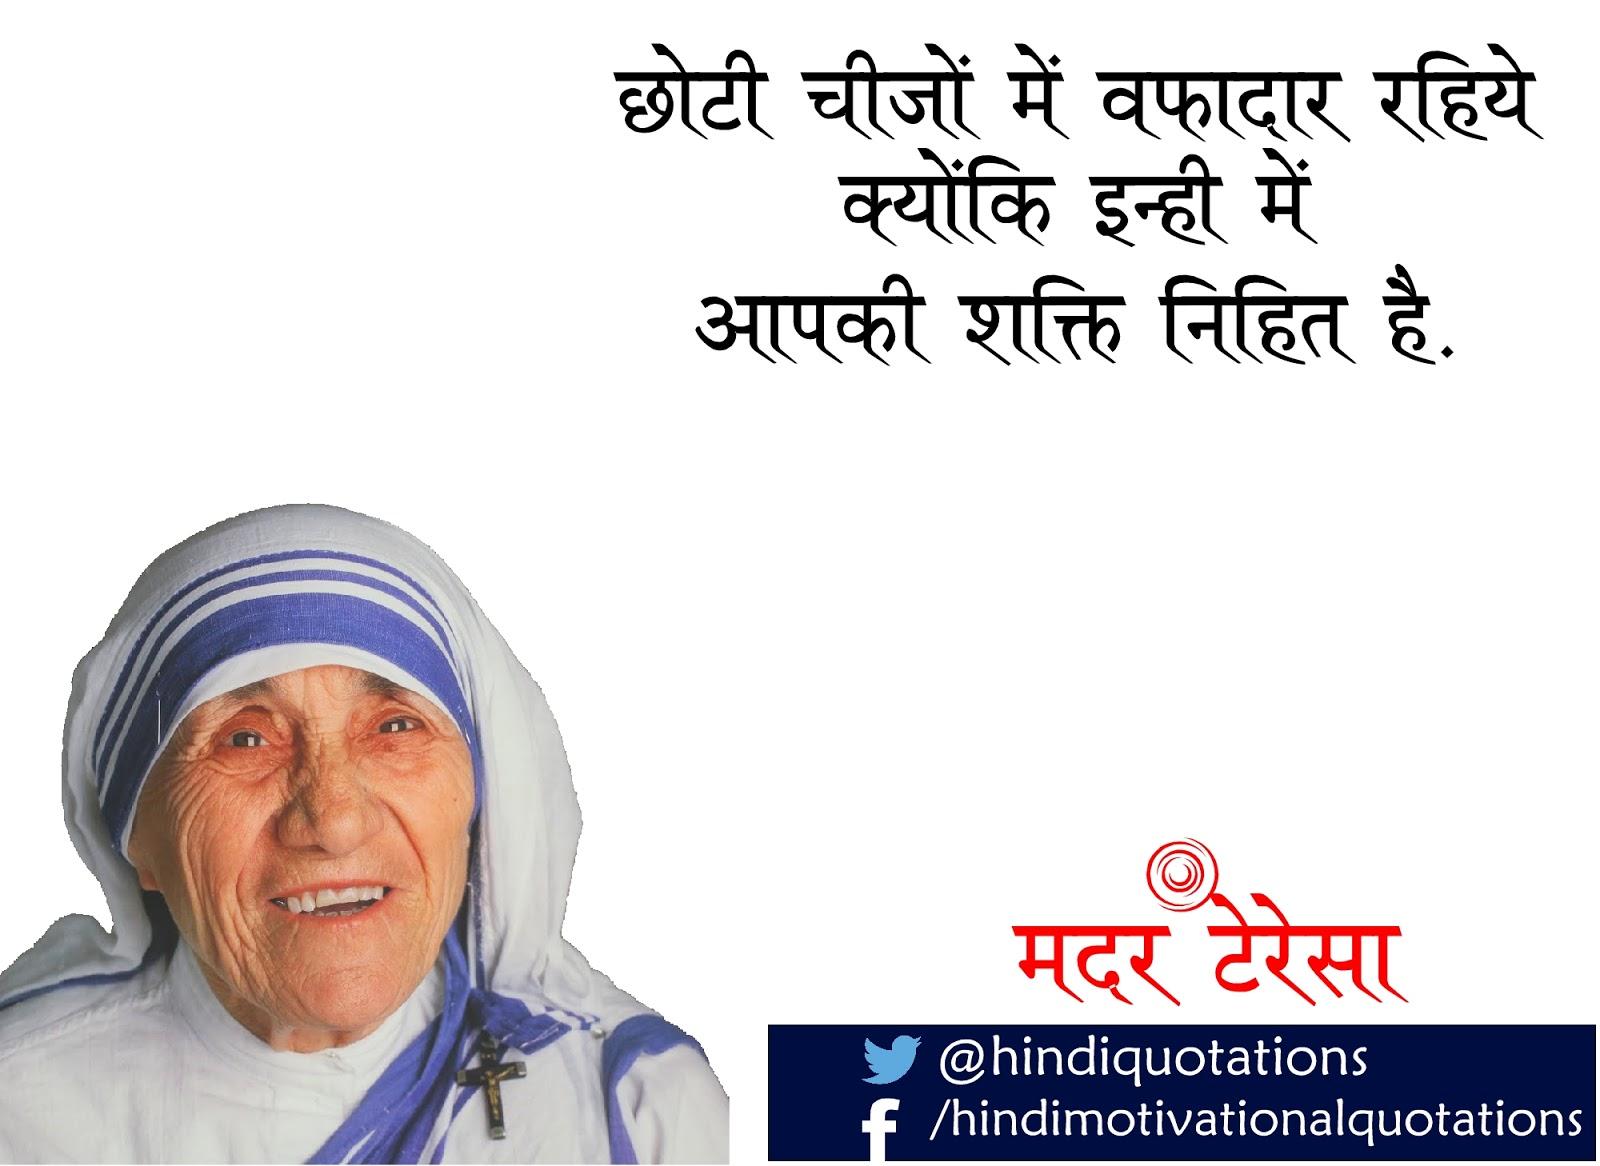 Hindi Motivational Quotes Hindi Motivational Quotes हनद